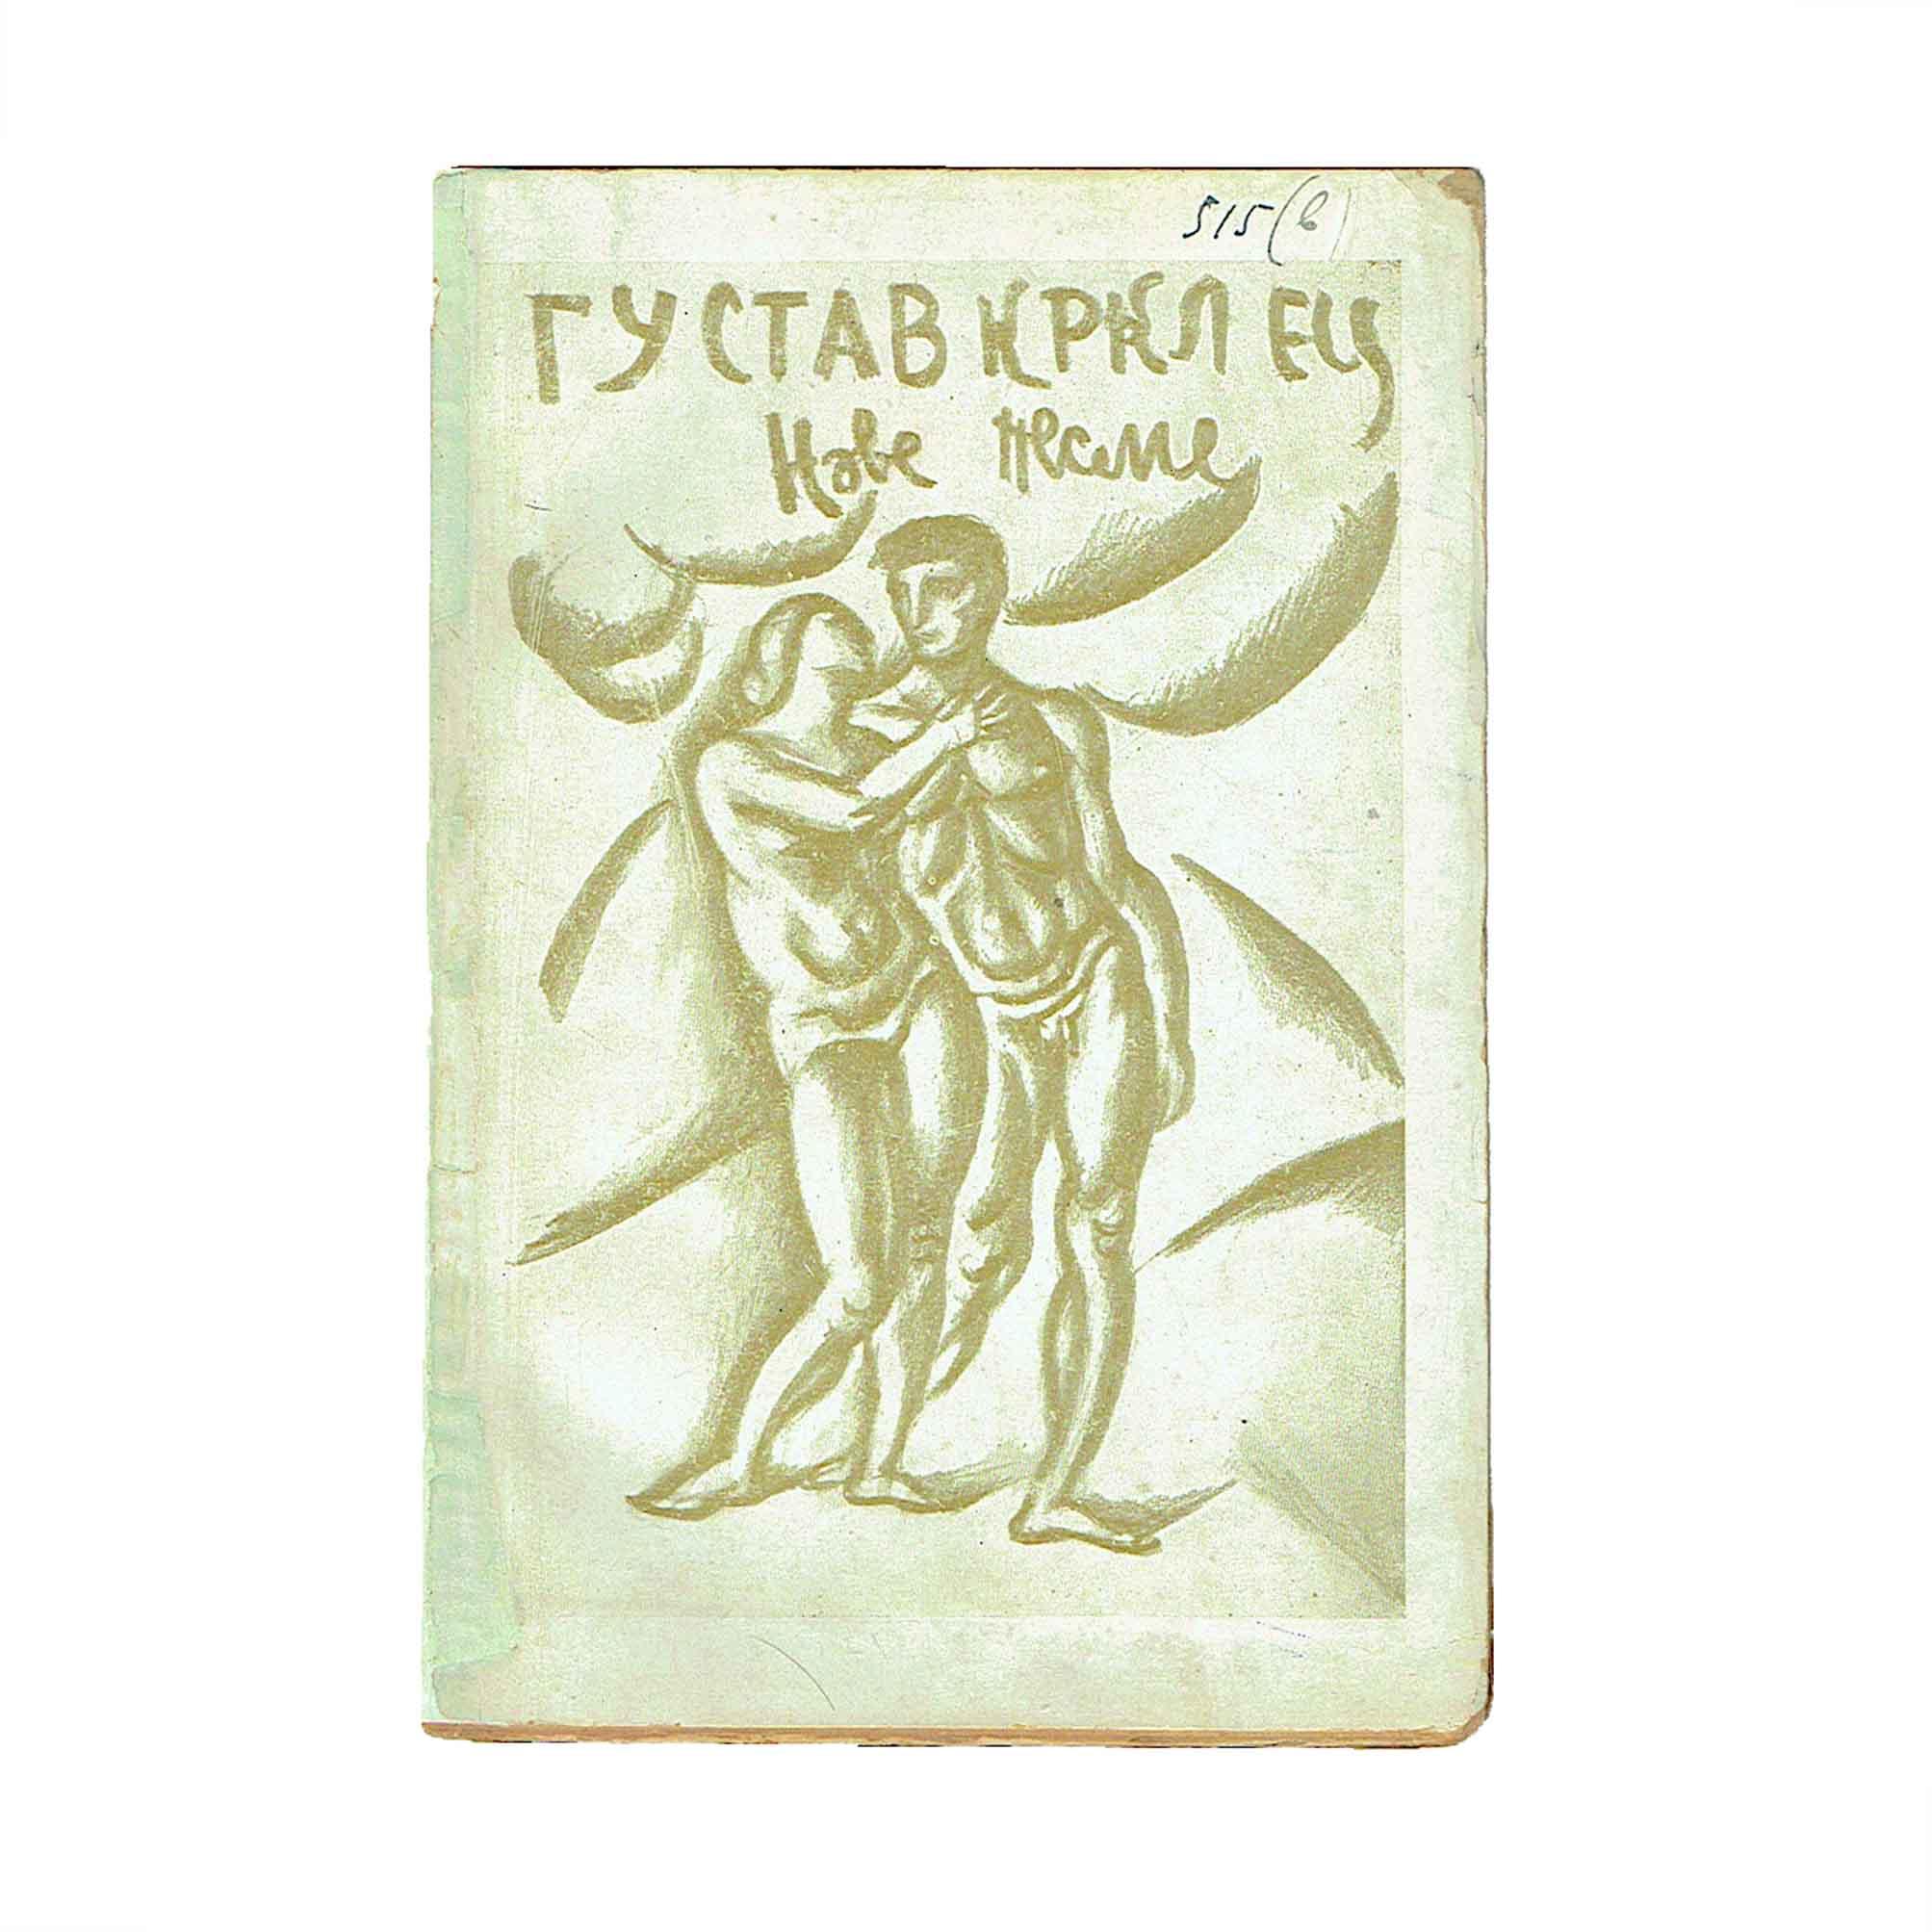 5605-Krklec-Nove-Pesme-1922-Umschlag-frei-N.jpg